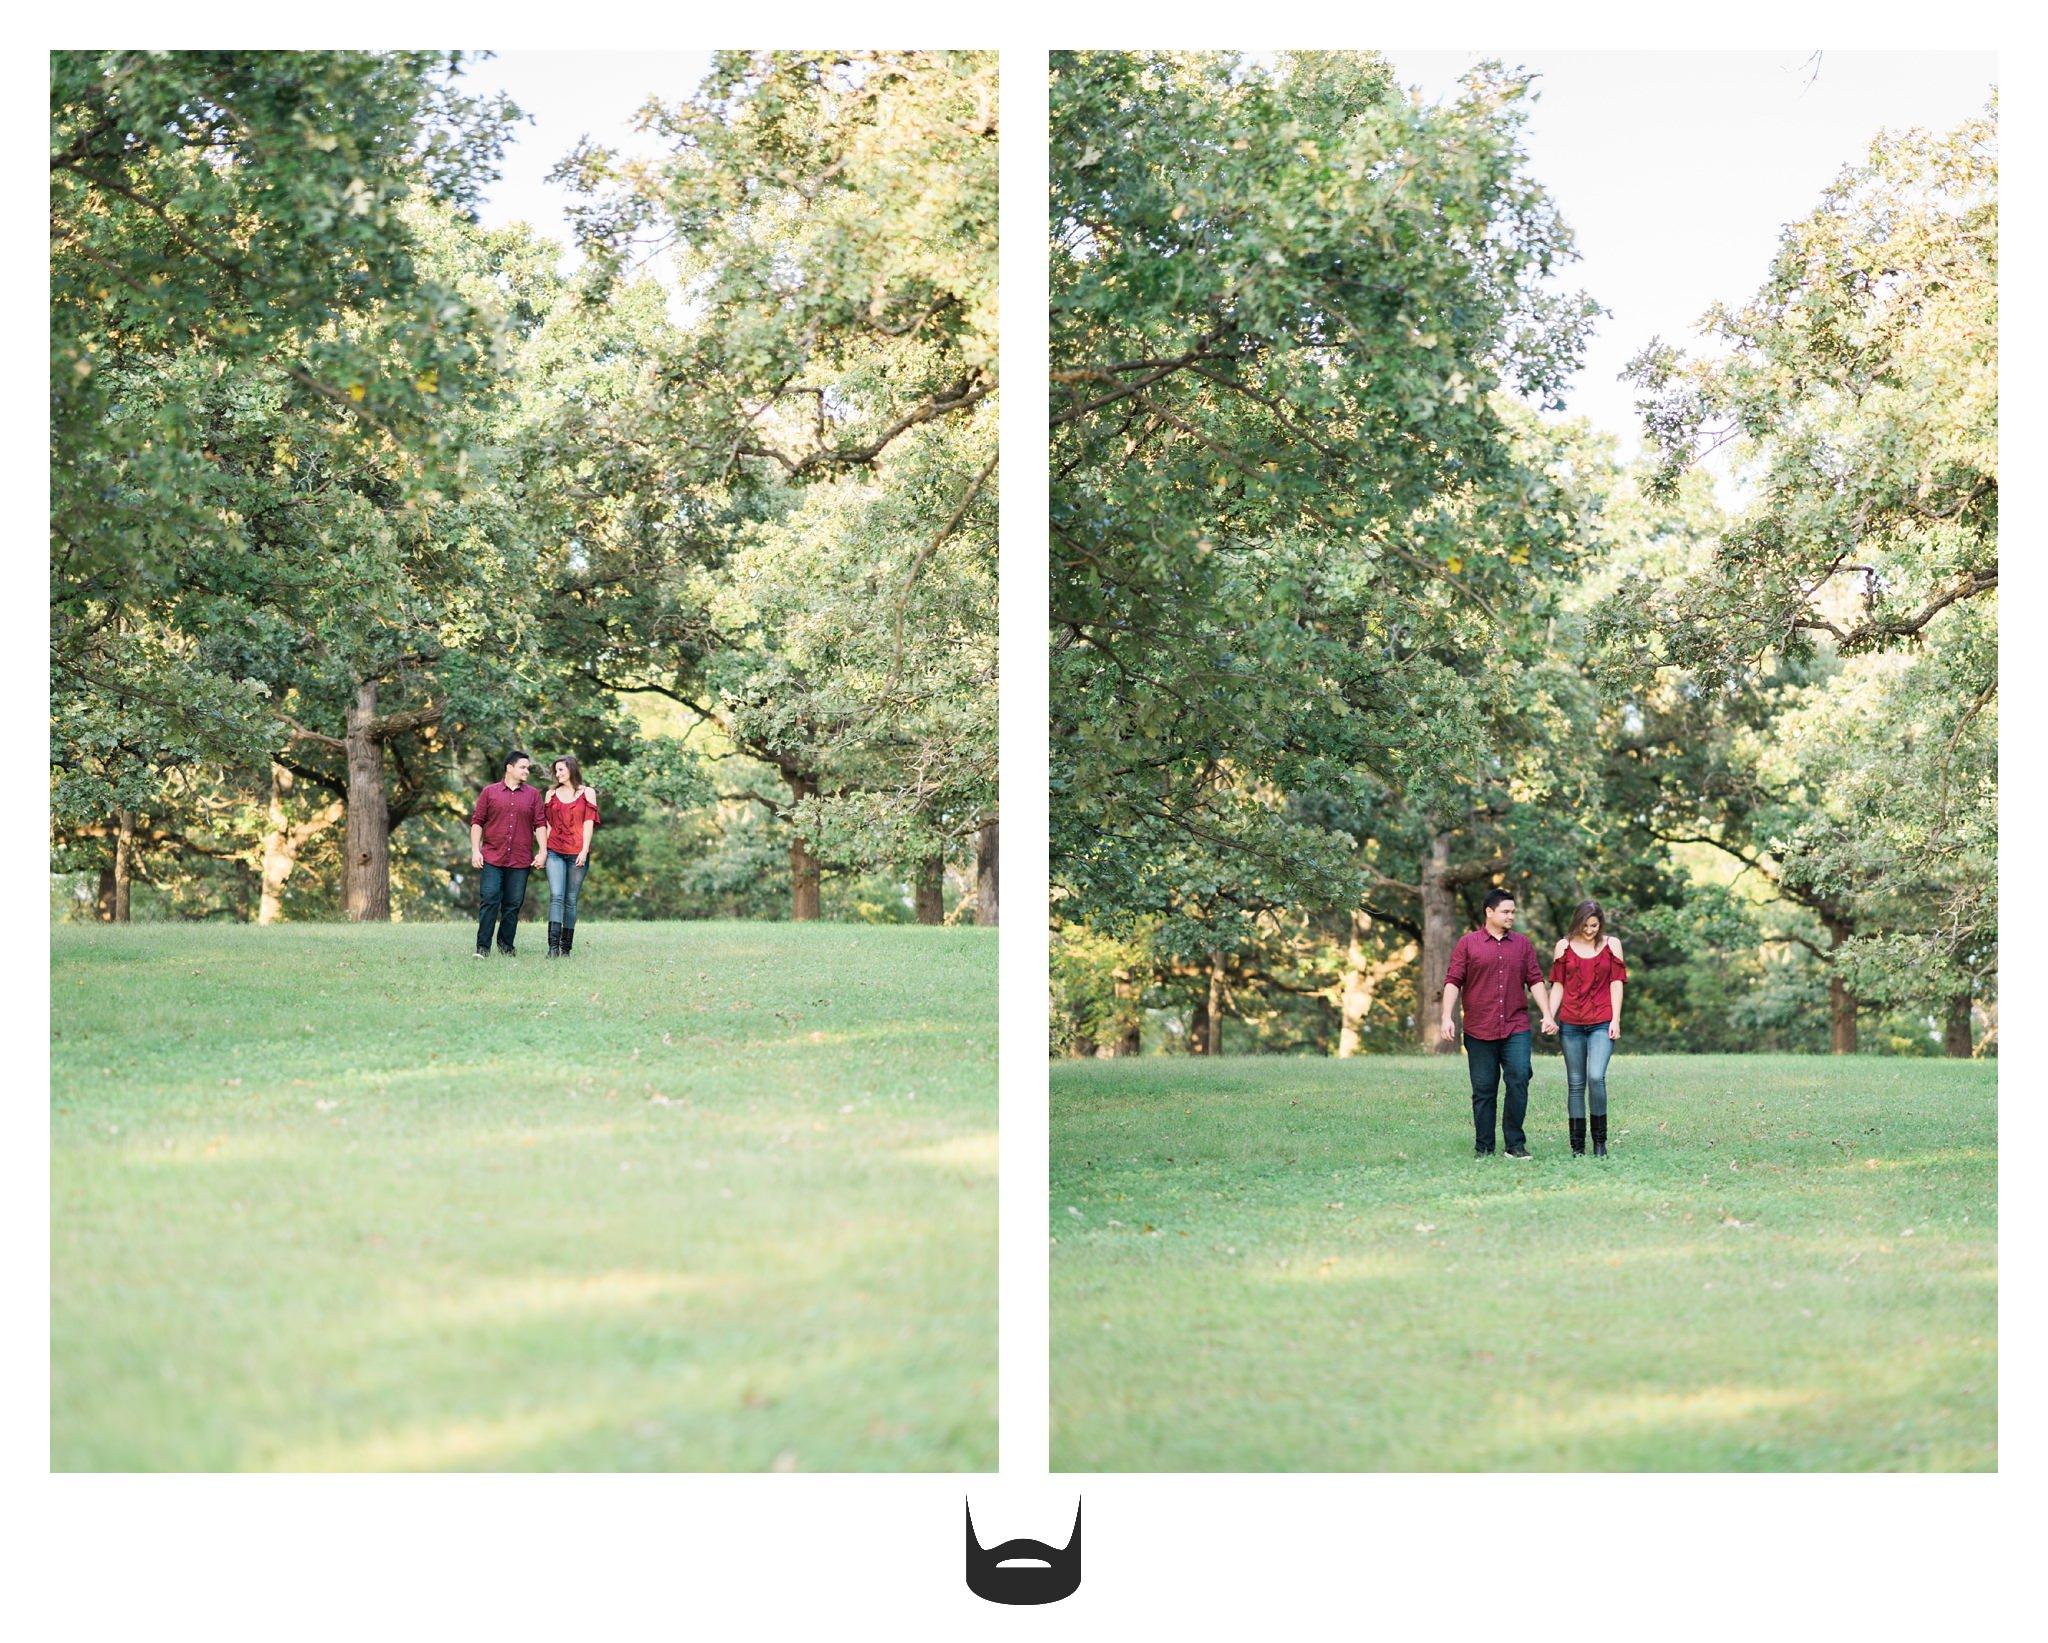 des moines engagement photography love